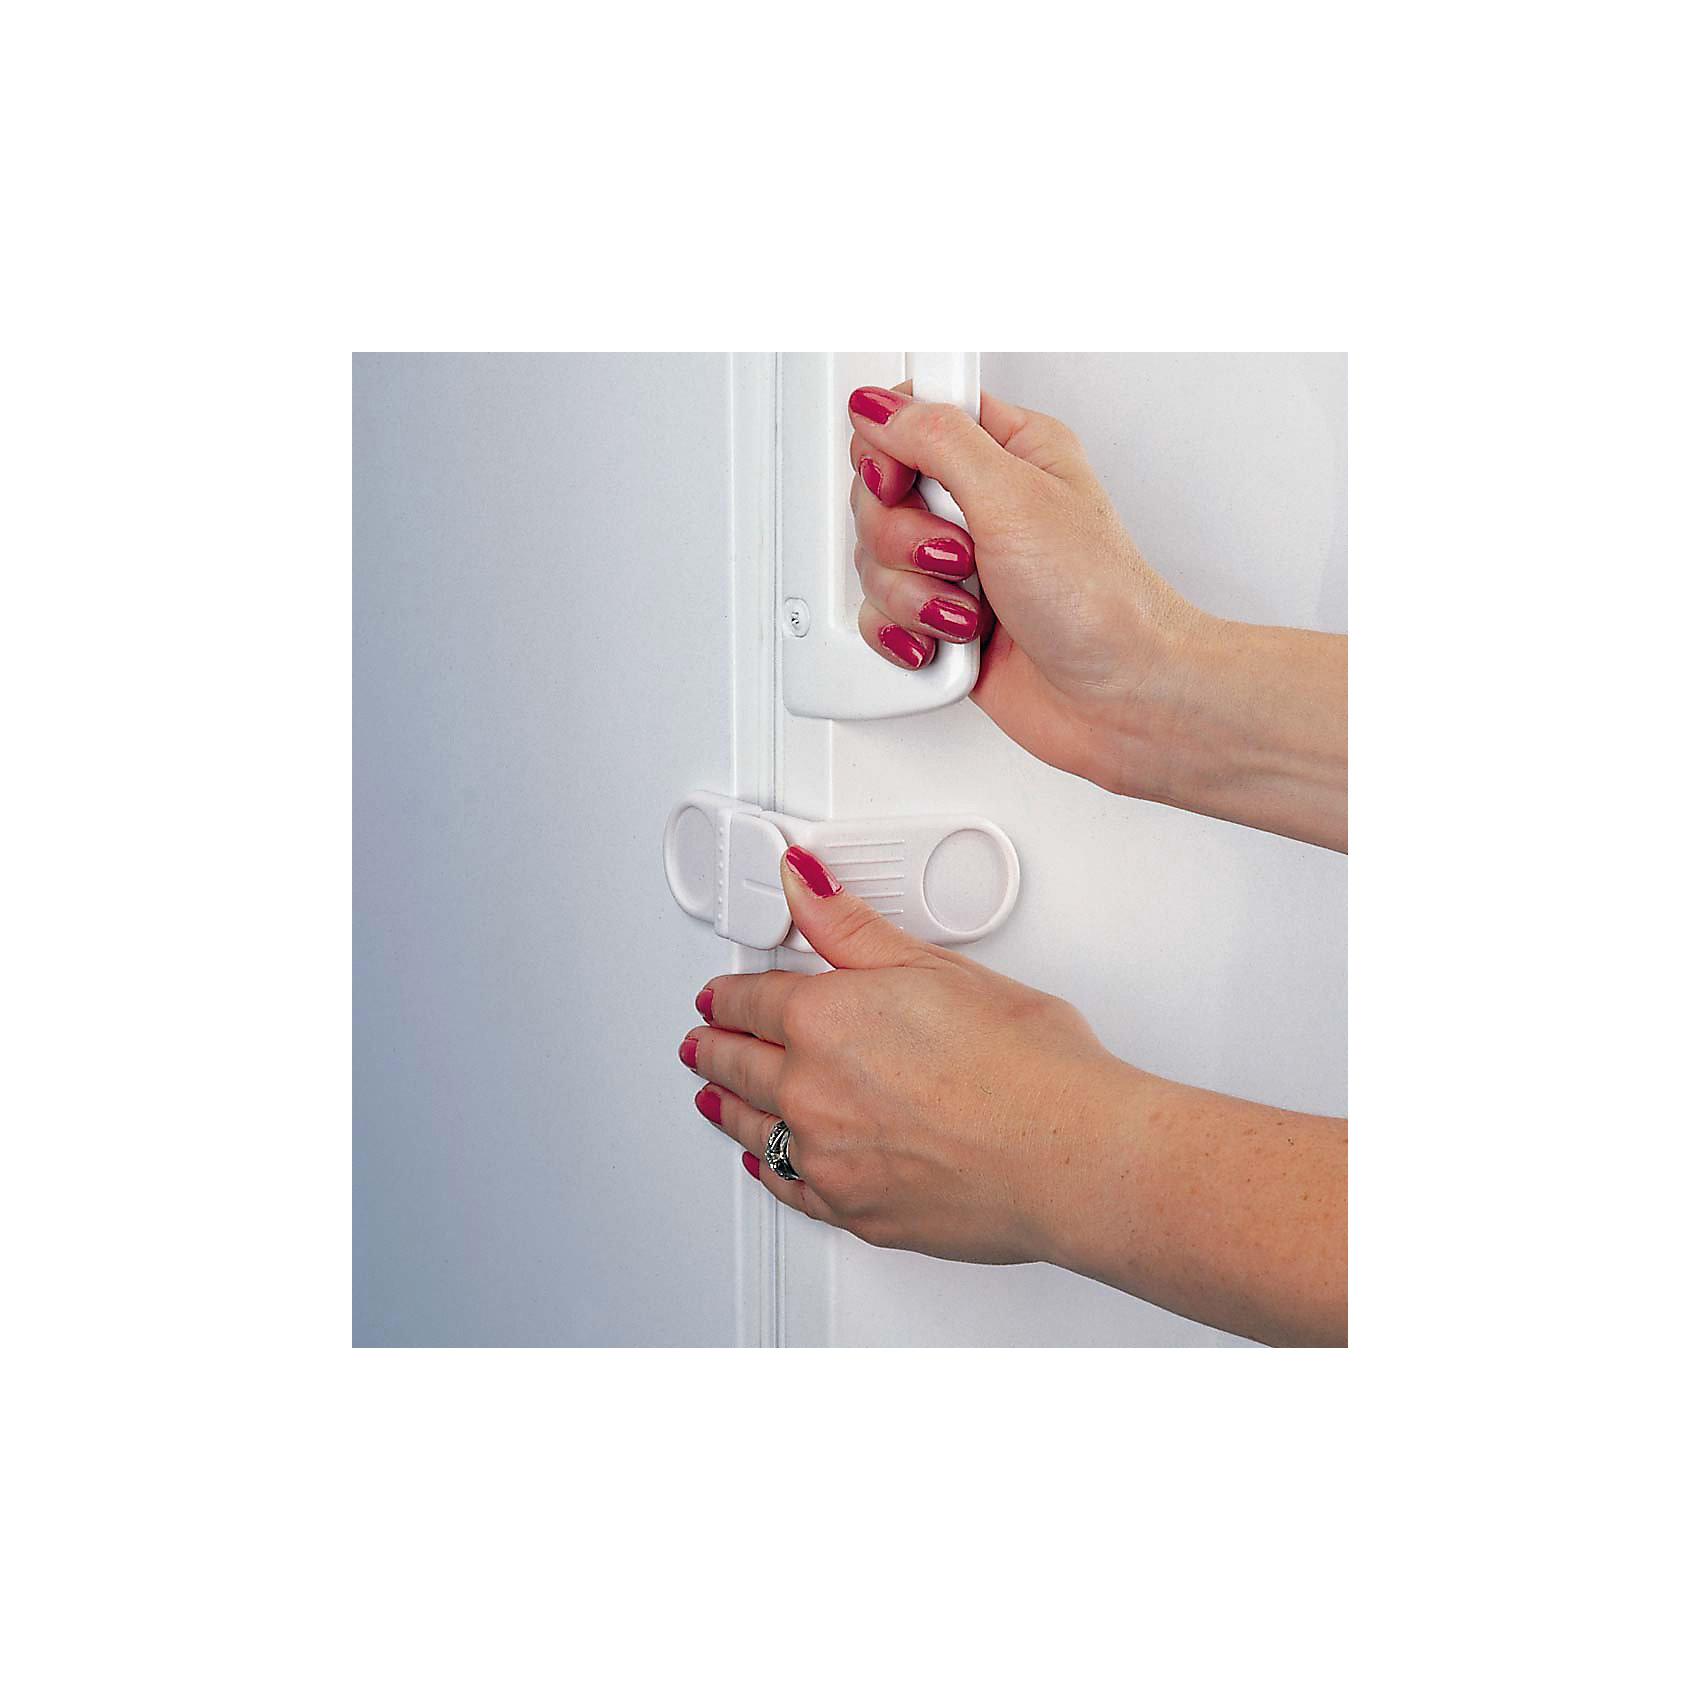 Защитный замок для холодильника, ClippasafeЗащитный замок для холодильника Clippasafe обеспечивает ребенку безопасность в доме.<br><br>Замок быстро и легко устанавливается на дверцу холодильника при помощи клейких подушек.<br><br>Дополнительная информация:<br><br>- В комплект входит: 1 защитный замок.<br>- Материал: пластмасса.<br><br>Ширина мм: 300<br>Глубина мм: 200<br>Высота мм: 180<br>Вес г: 180<br>Возраст от месяцев: 0<br>Возраст до месяцев: 60<br>Пол: Унисекс<br>Возраст: Детский<br>SKU: 2614588